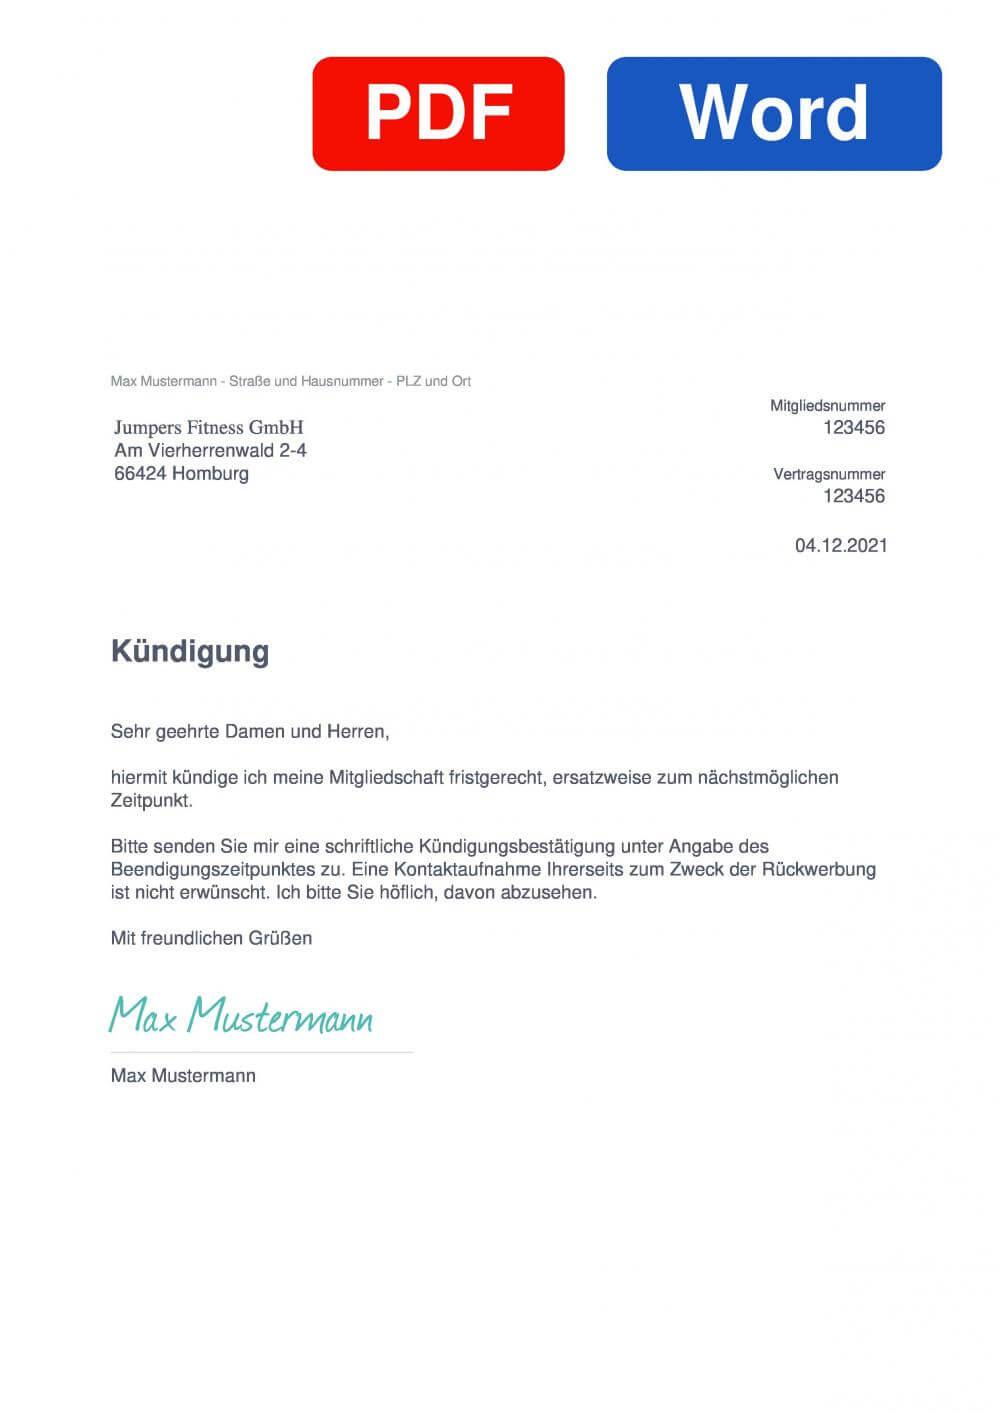 jumpers Homburg Muster Vorlage für Kündigungsschreiben